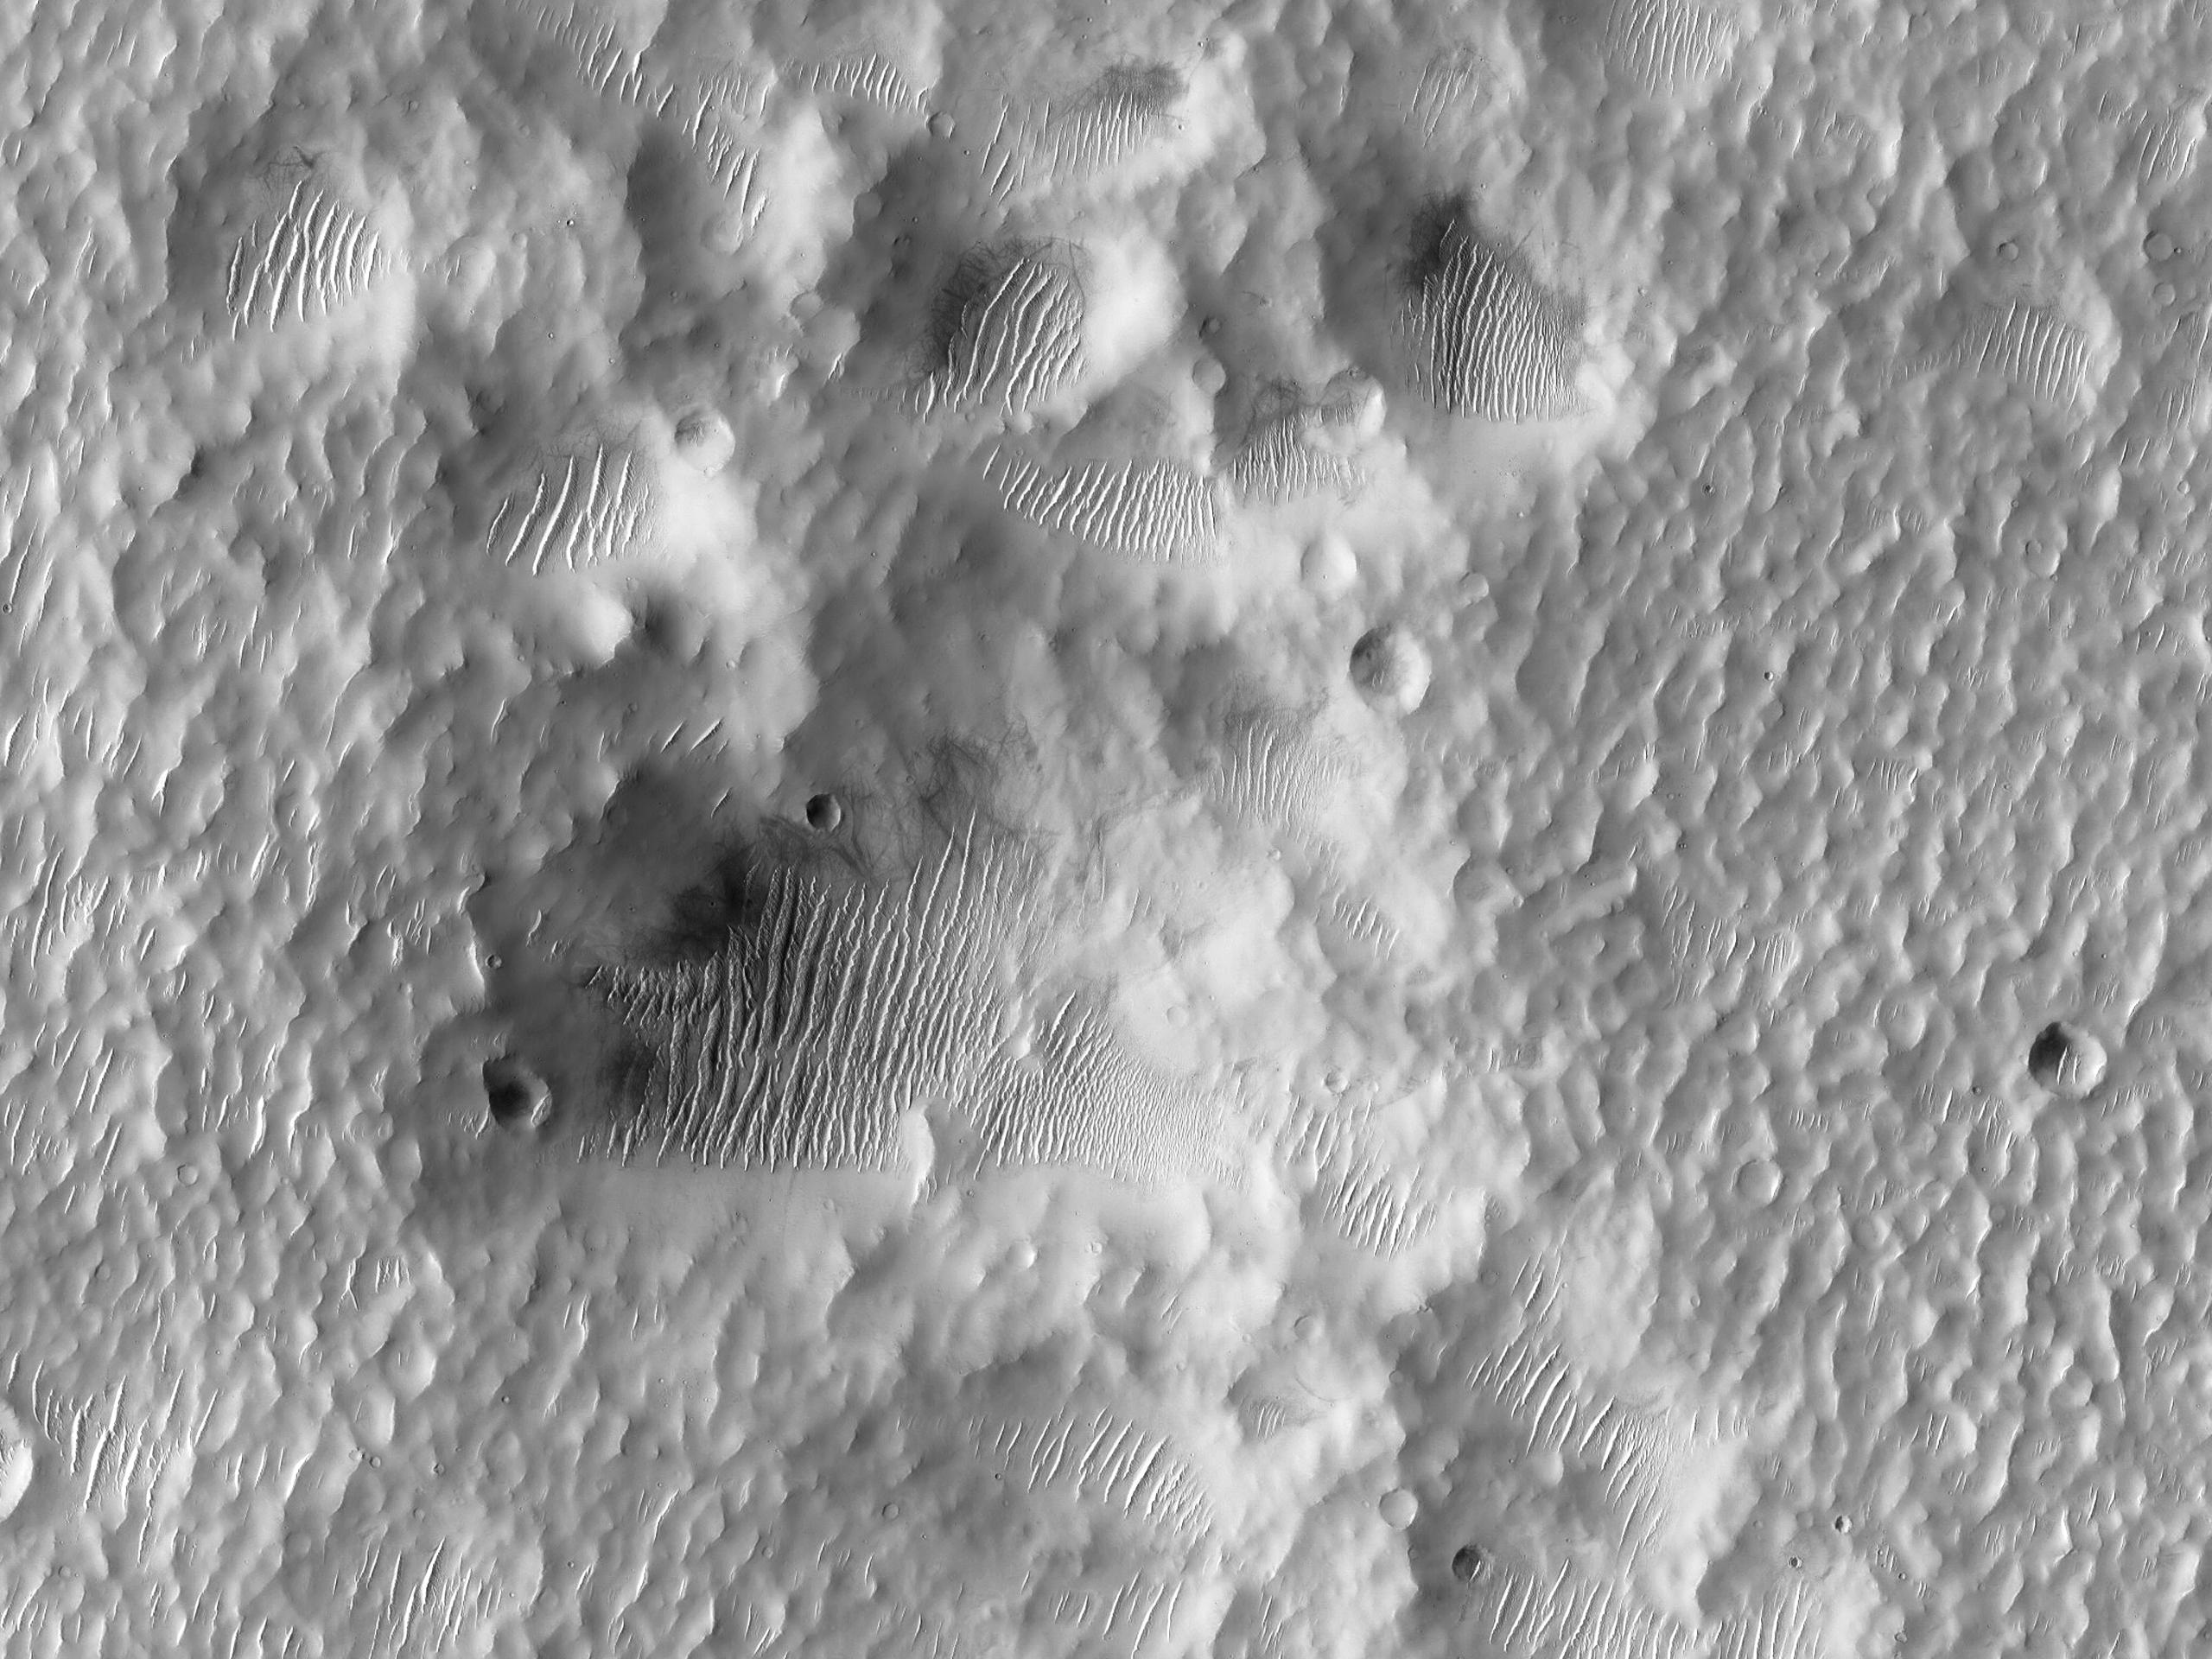 Terreno butterato all' interno del Cratere Bakhuysen